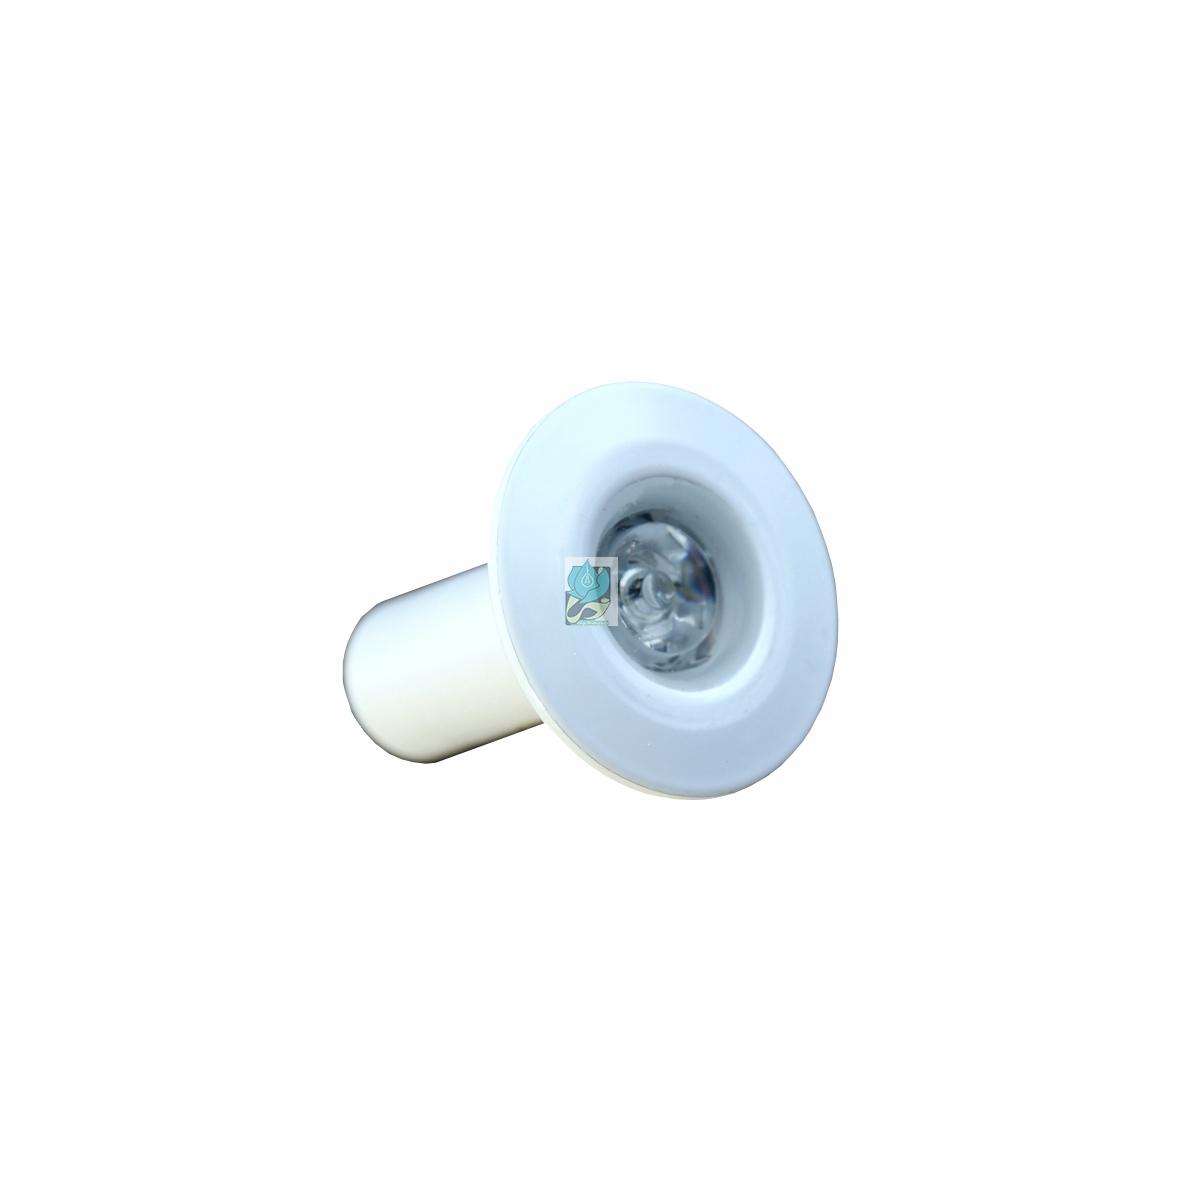 چراغ توکار استخری فول کالر 3 وات 5 ولت مدل 3RERGB - چراغ توکار استخری - چراغ توکار استخری فول کالر - چراغ توکار استخری 3 وات - چراغ توکار استخری فول کالر 3 وات - چراغ توکار استخری 5 ولت - چراغ توکار استخری فول کالر 5 ولت